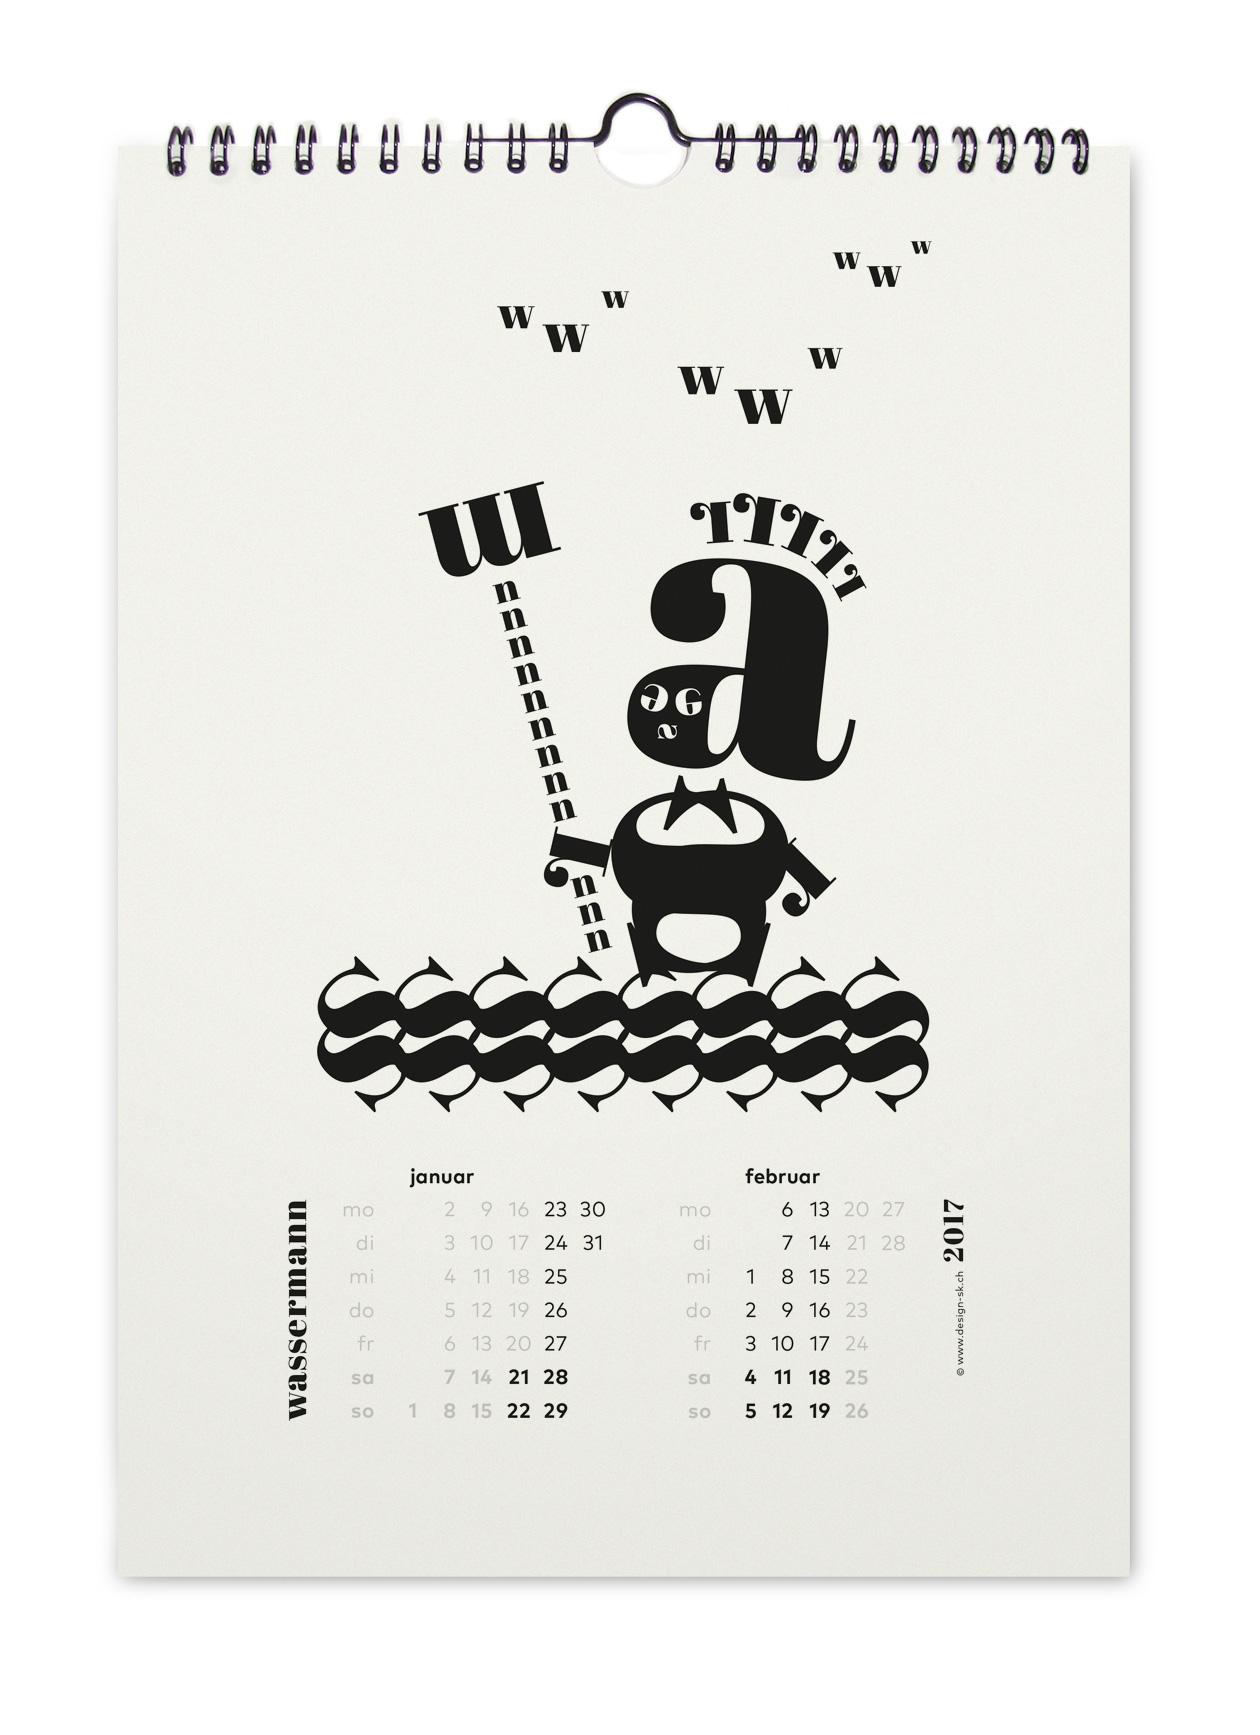 kalender_sternzeichen_2017_design_sk_wassermann_winterthur